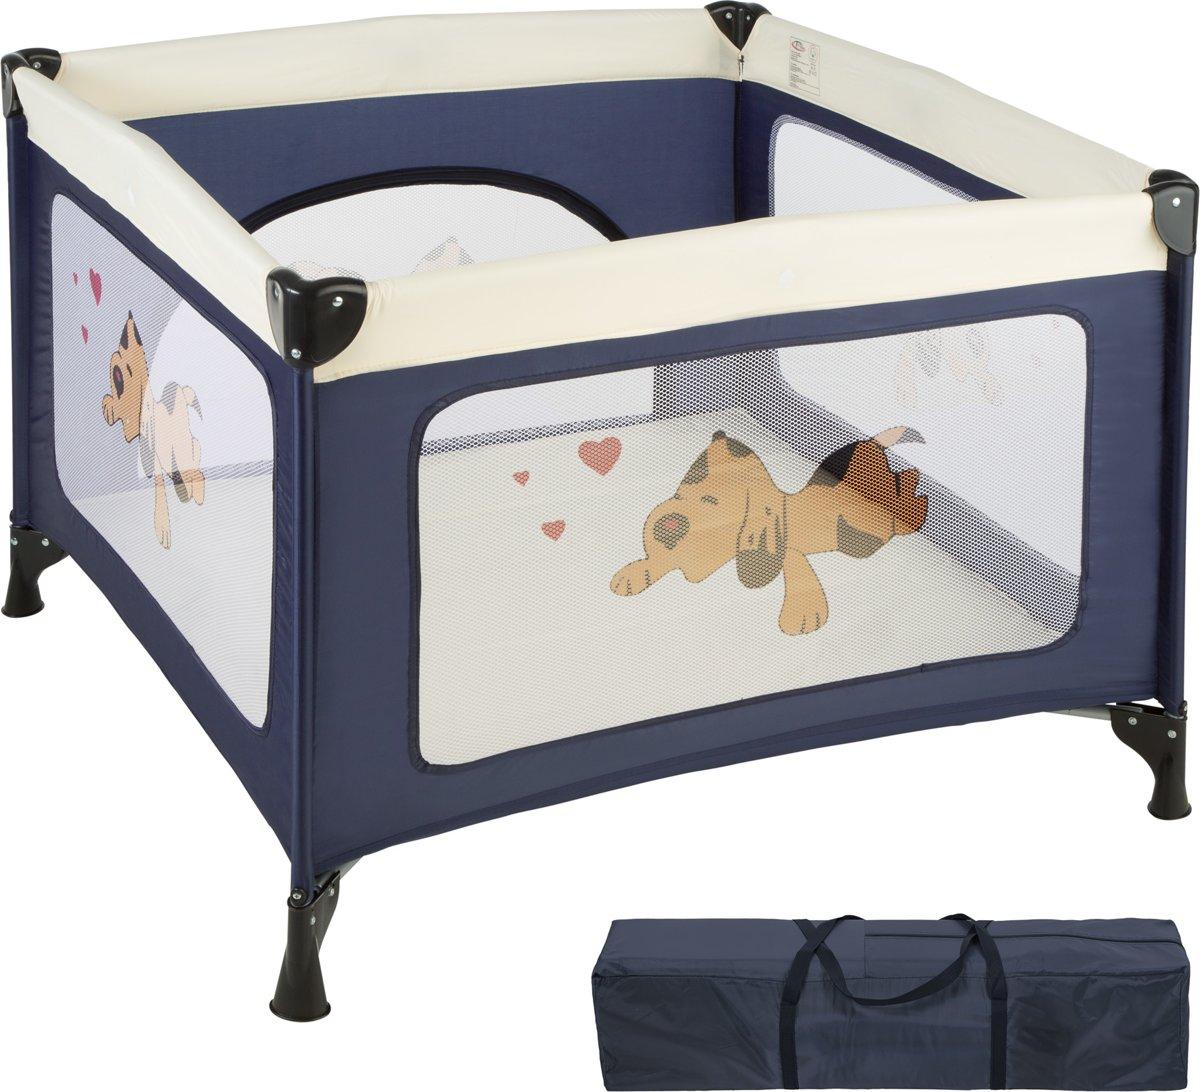 TecTake babybox reisbox opklapbaar Tommy reisbed - blauw - 402205